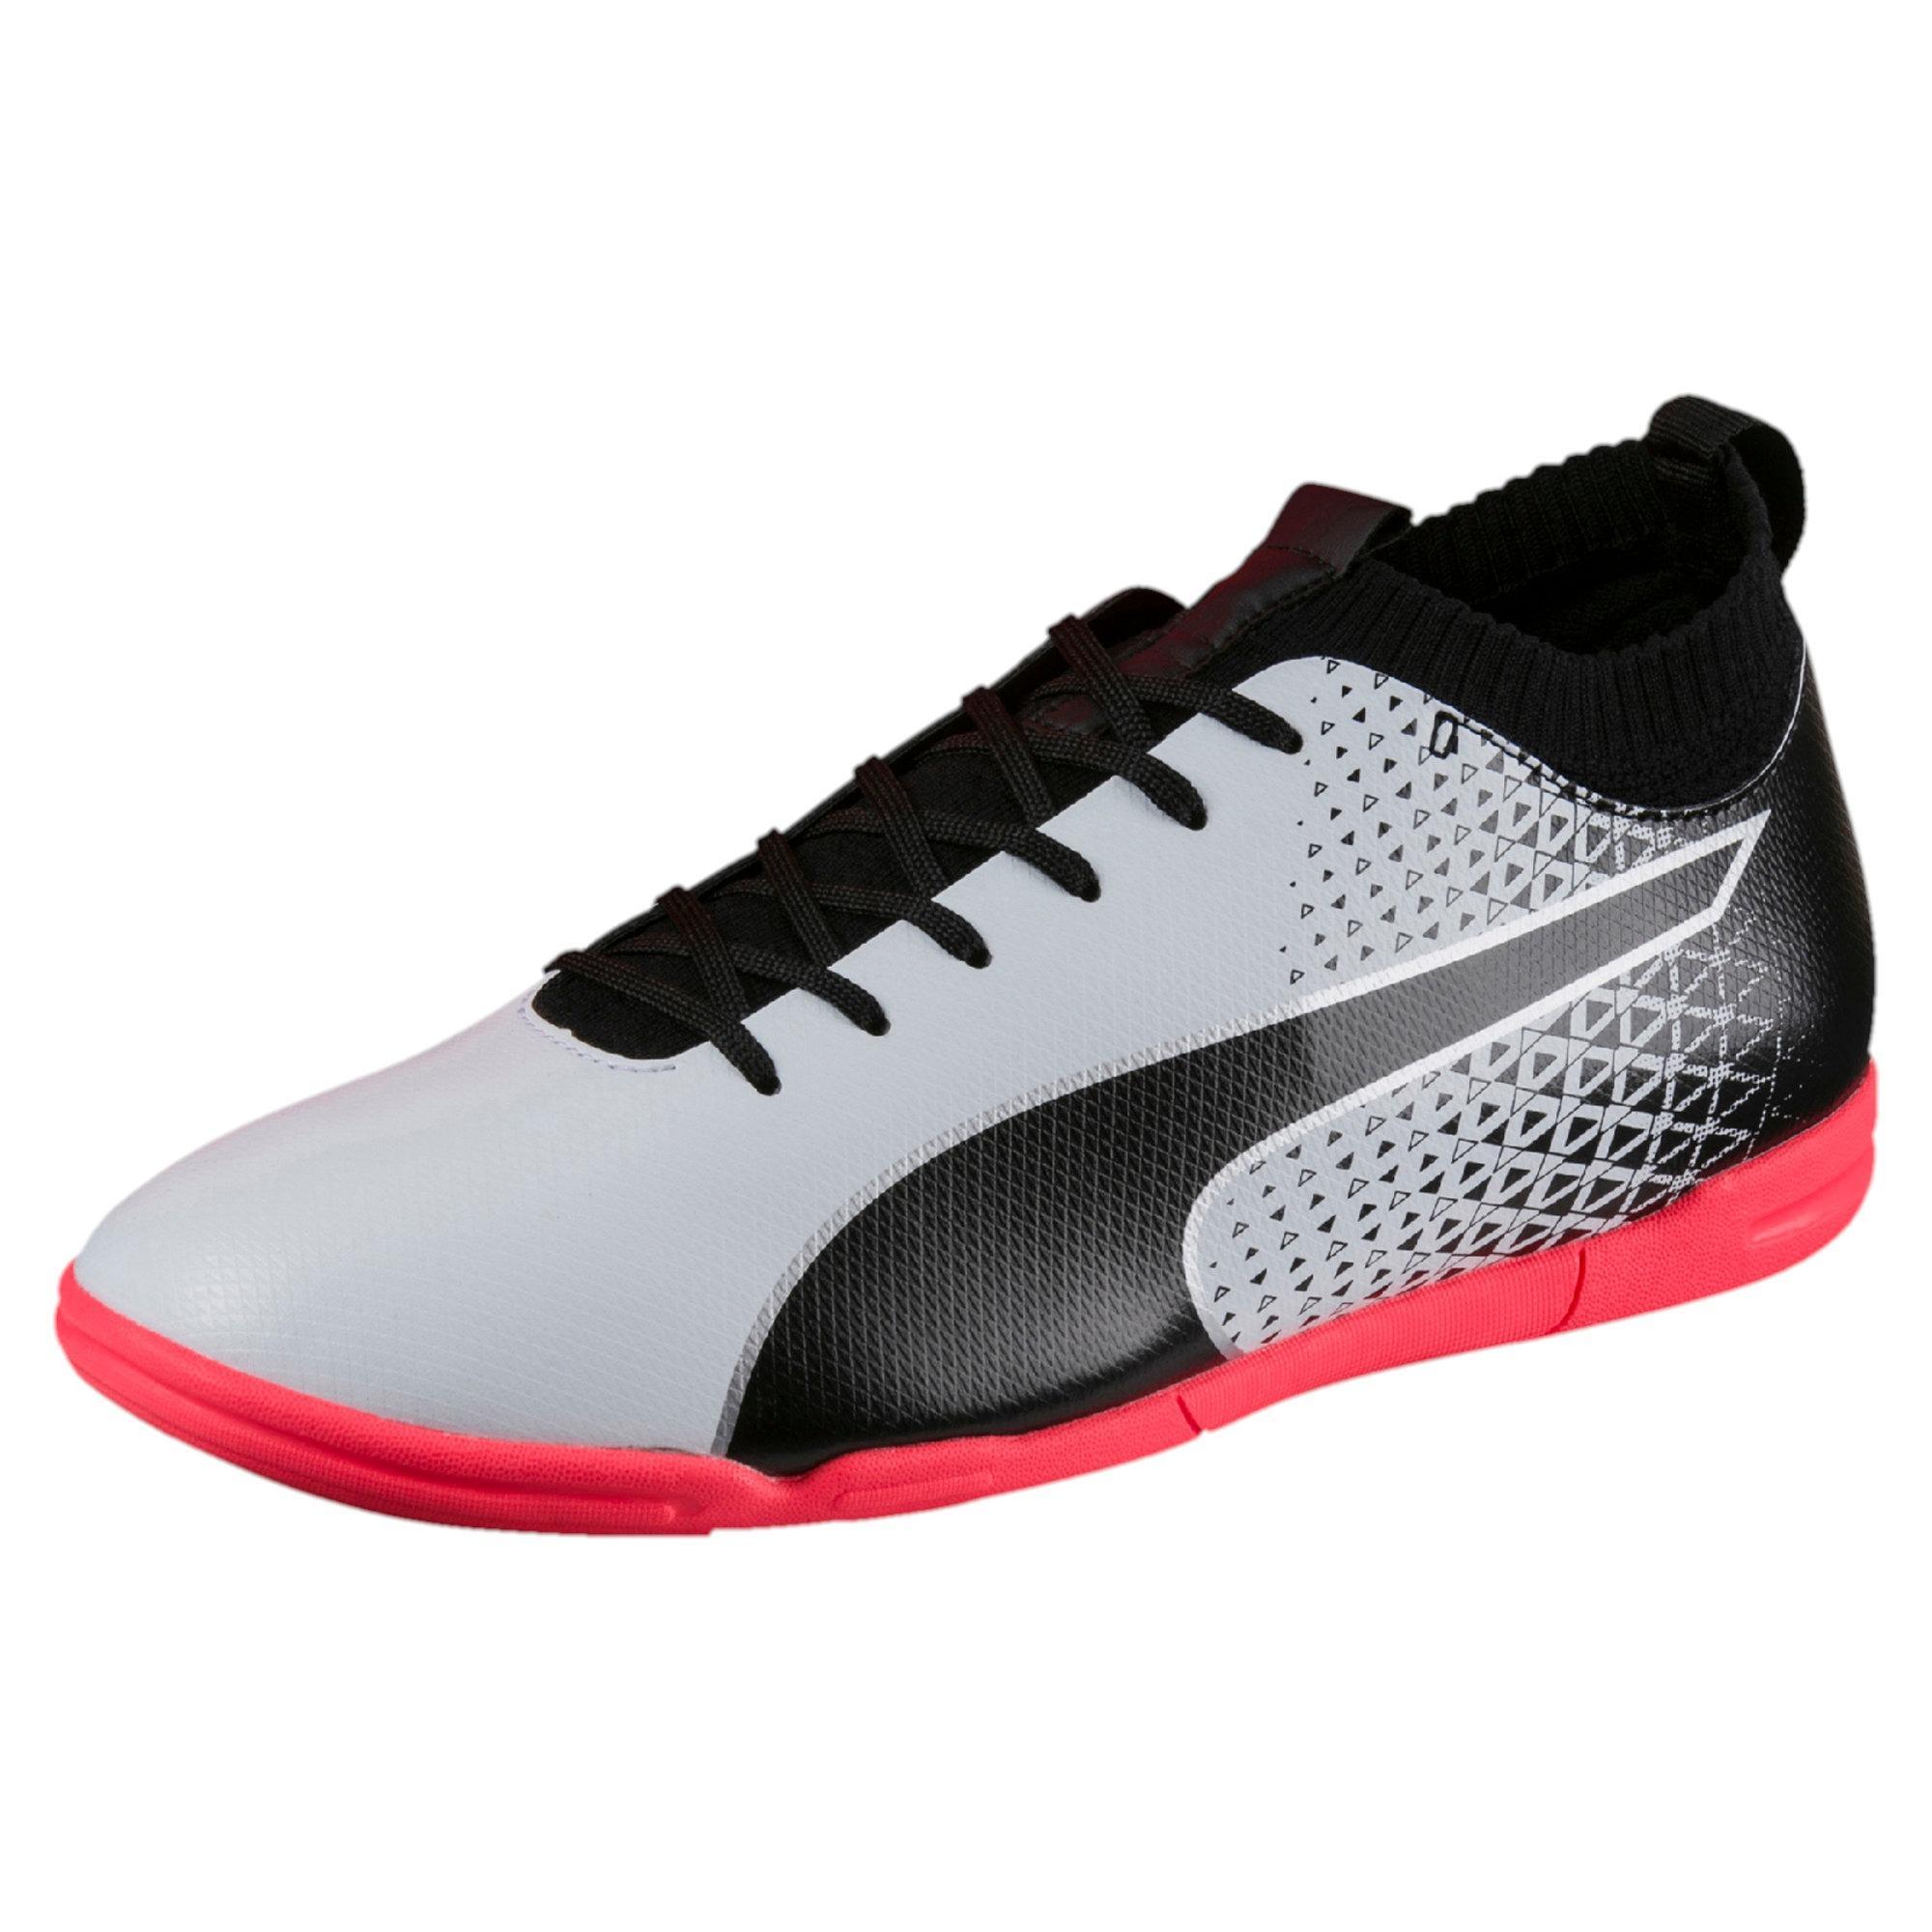 Puma sepatu futsal Puma Evoknit FTB IT - 10407301